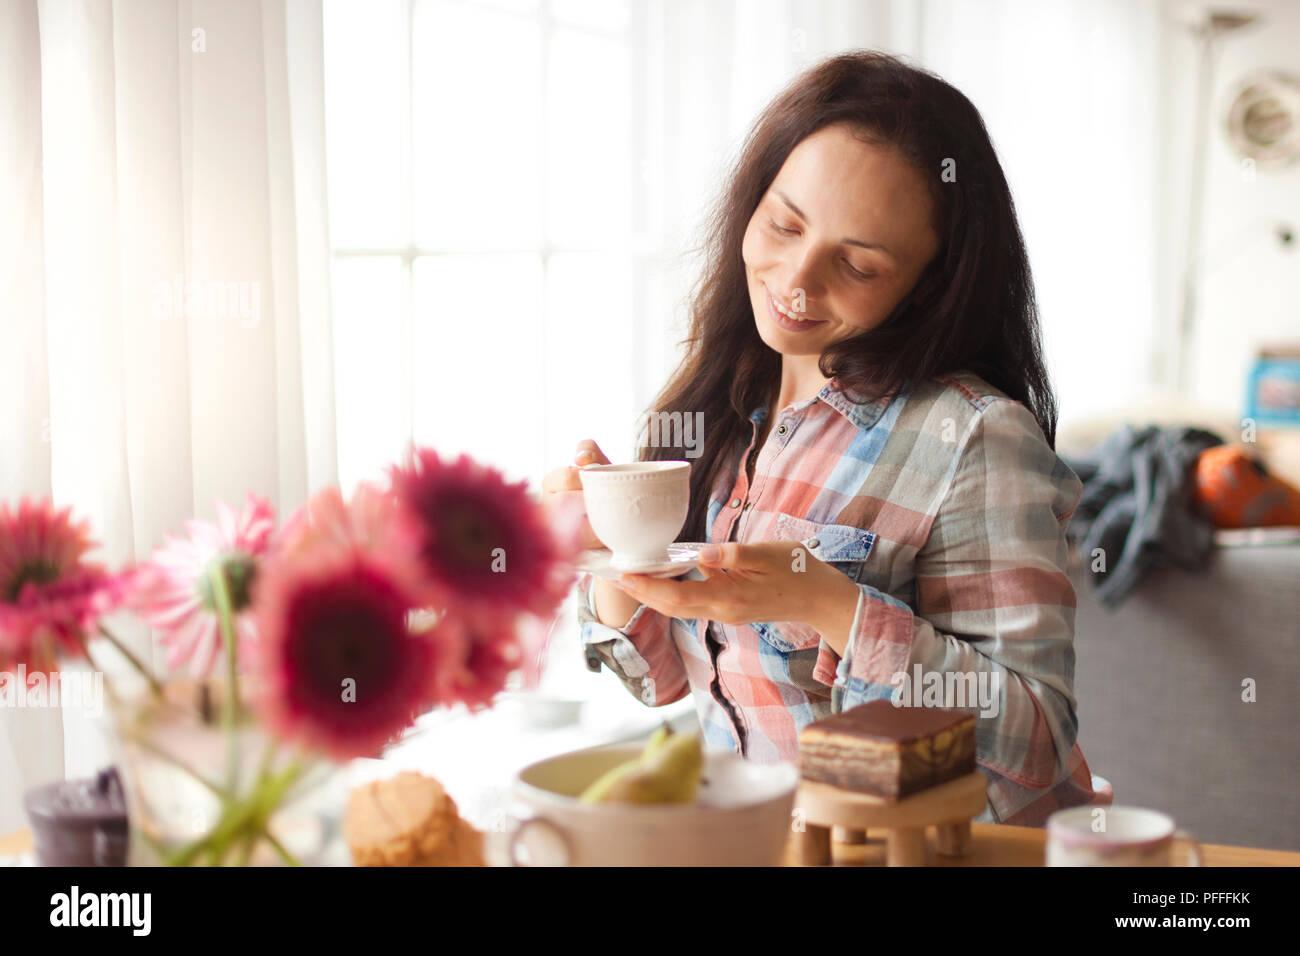 Happy girl avec une tasse de café parfumé dans les mains. Bon petit déjeuner à la maison dans le salon par la fenêtre. Espace libre pour le texte. Photo Stock